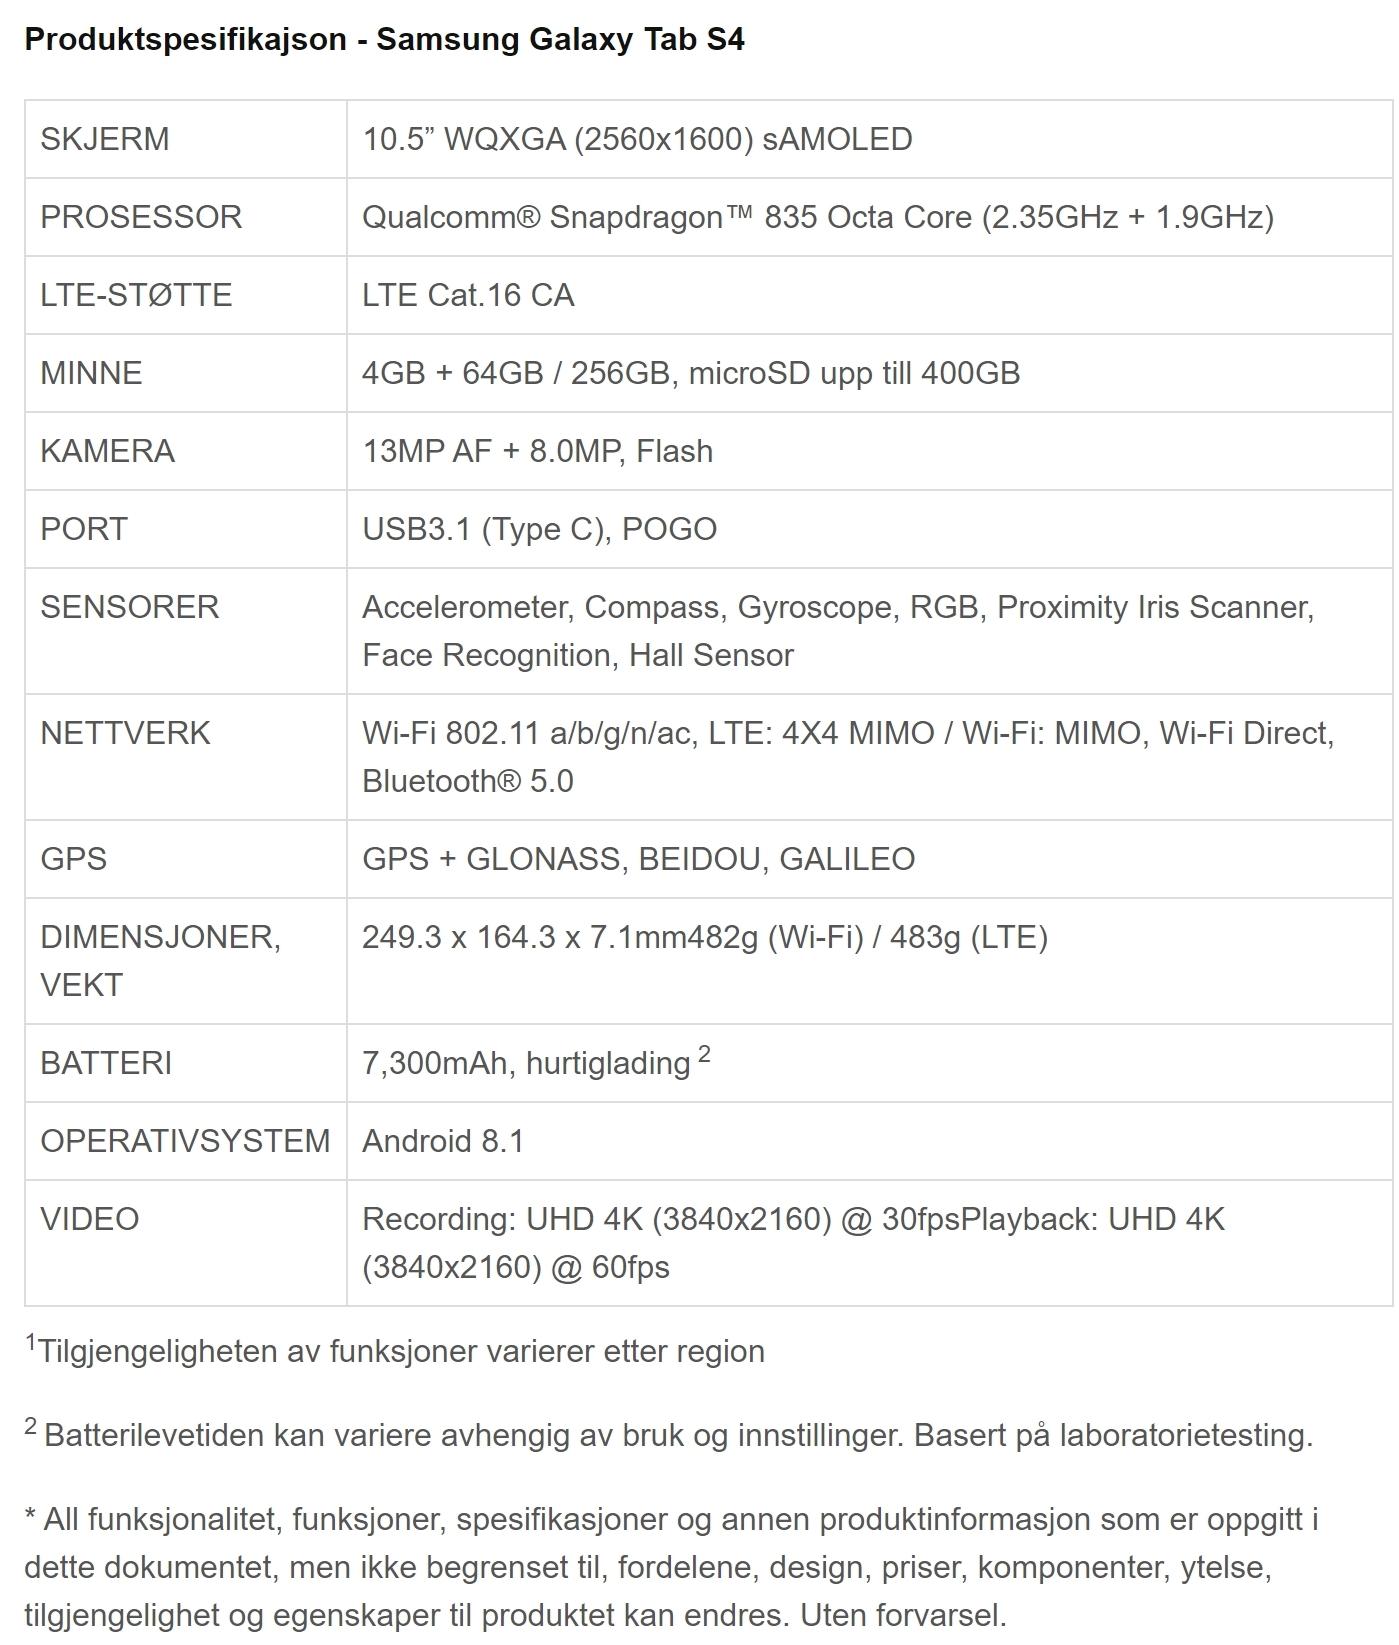 Tab S4 spesifikasjoner.